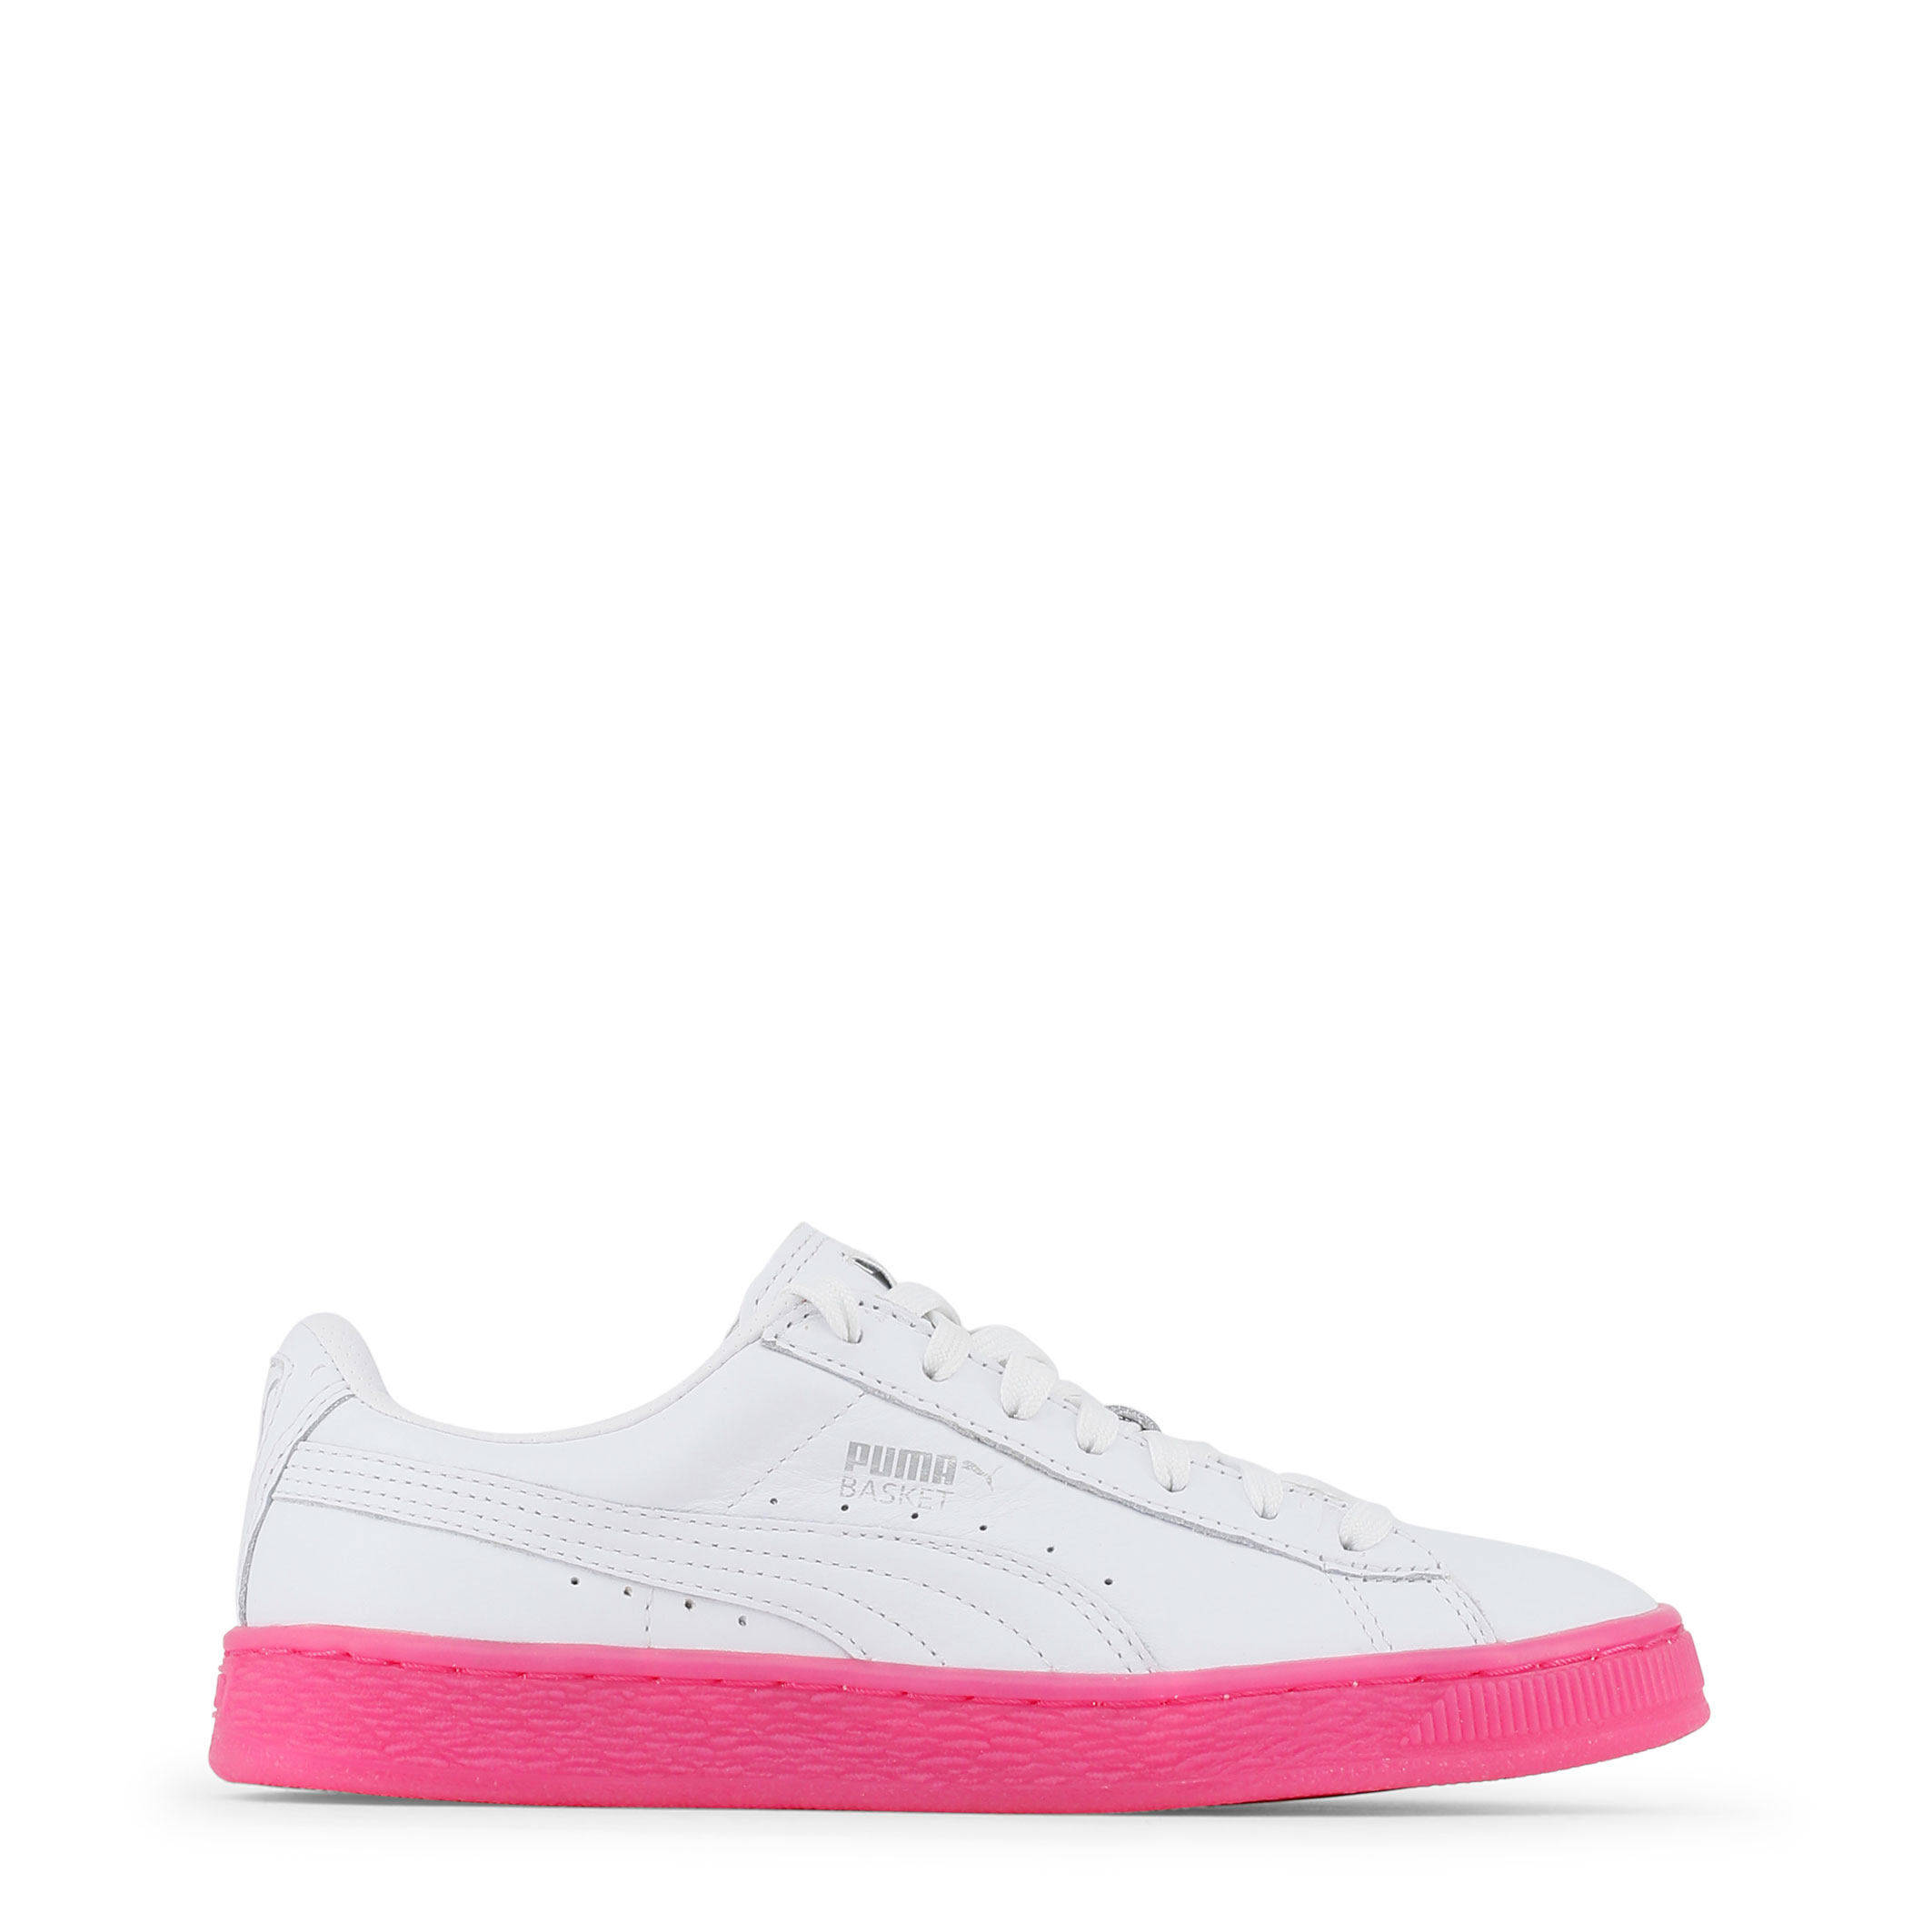 Puma Basket_classic_363180-03 Sneakers Perfecto El Precio Más Bajo Compras En Línea Barato Excelente Venta En Línea IvQ8dcm3